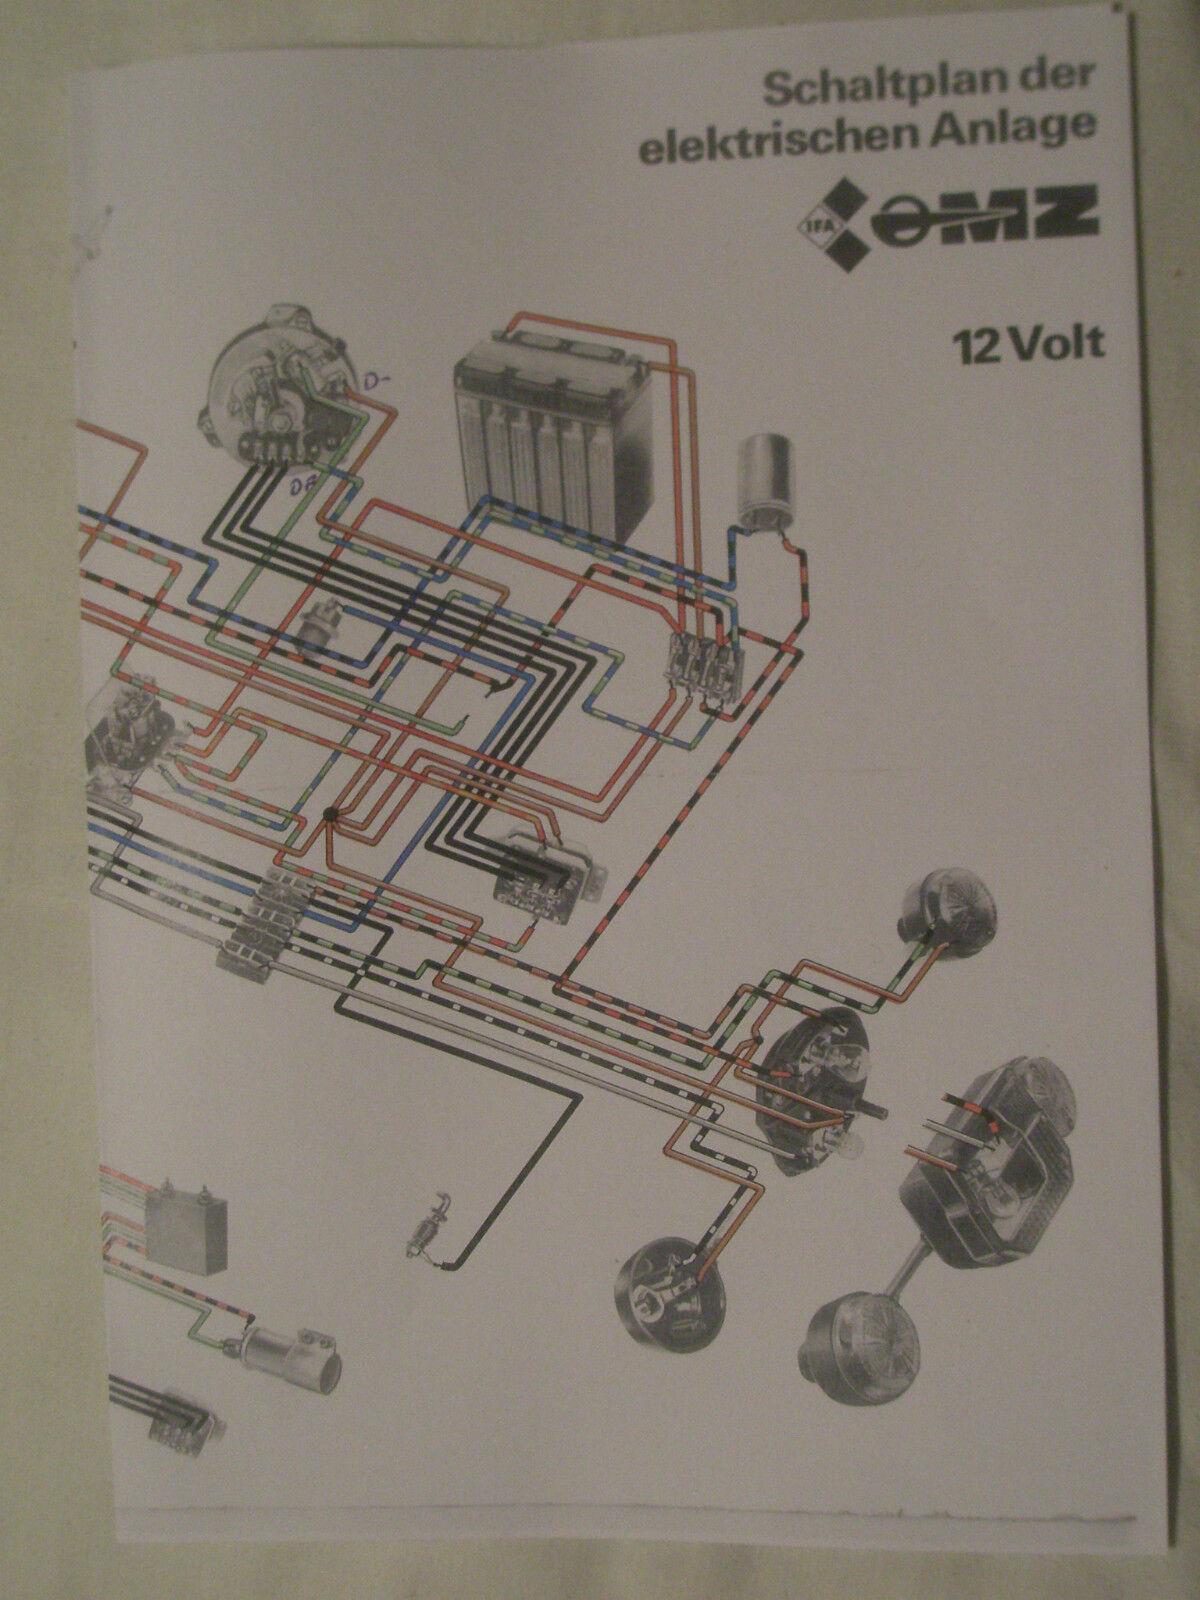 Großzügig Handwerker Luft Kompressor Schaltplan Bilder - Elektrische ...